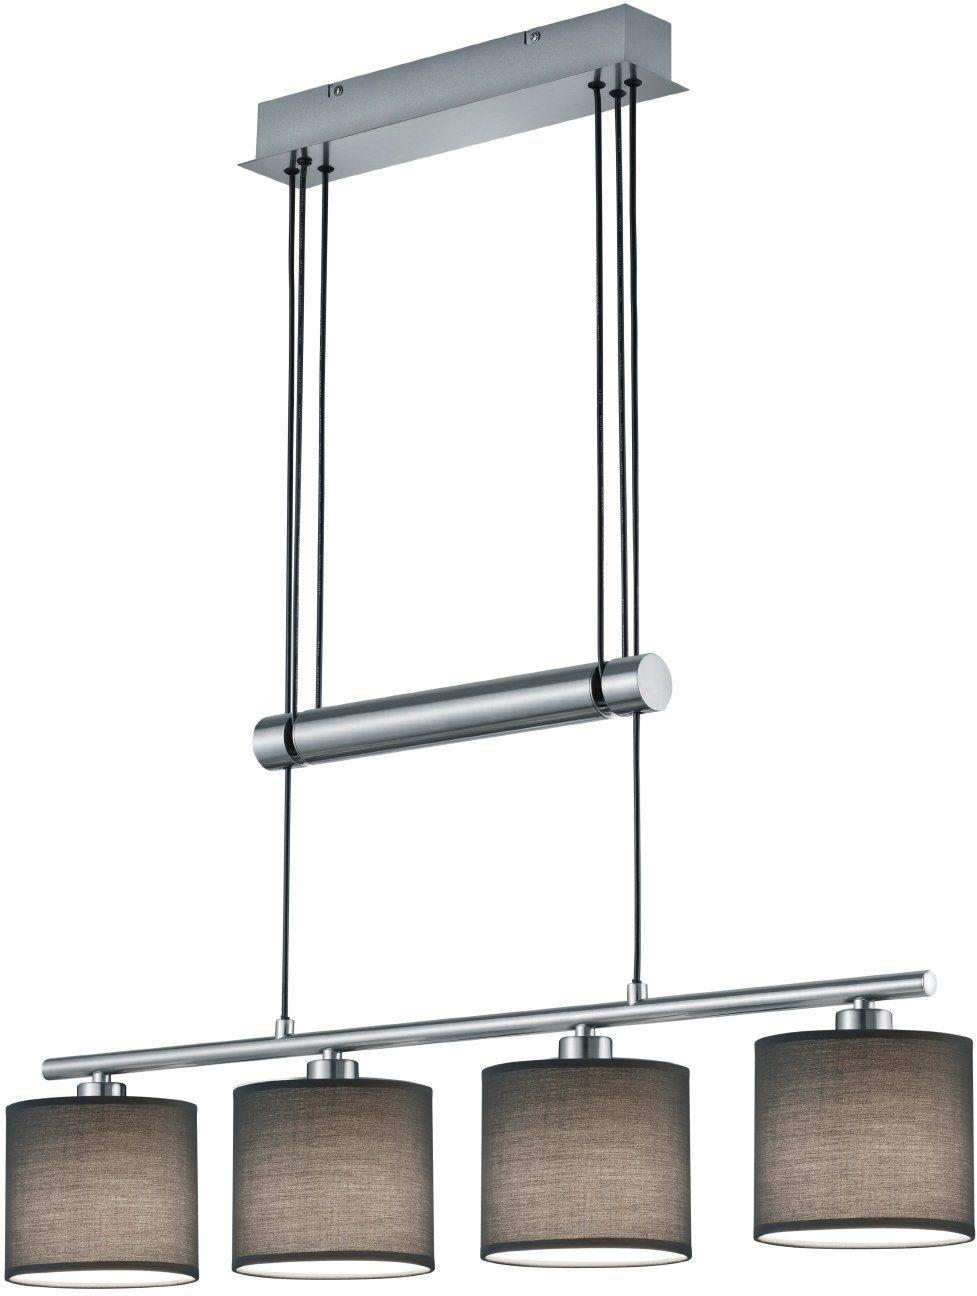 Lm Deckenlampe in chrom Optik mit drei verstellbaren Dratgeflecht Schirmen incl